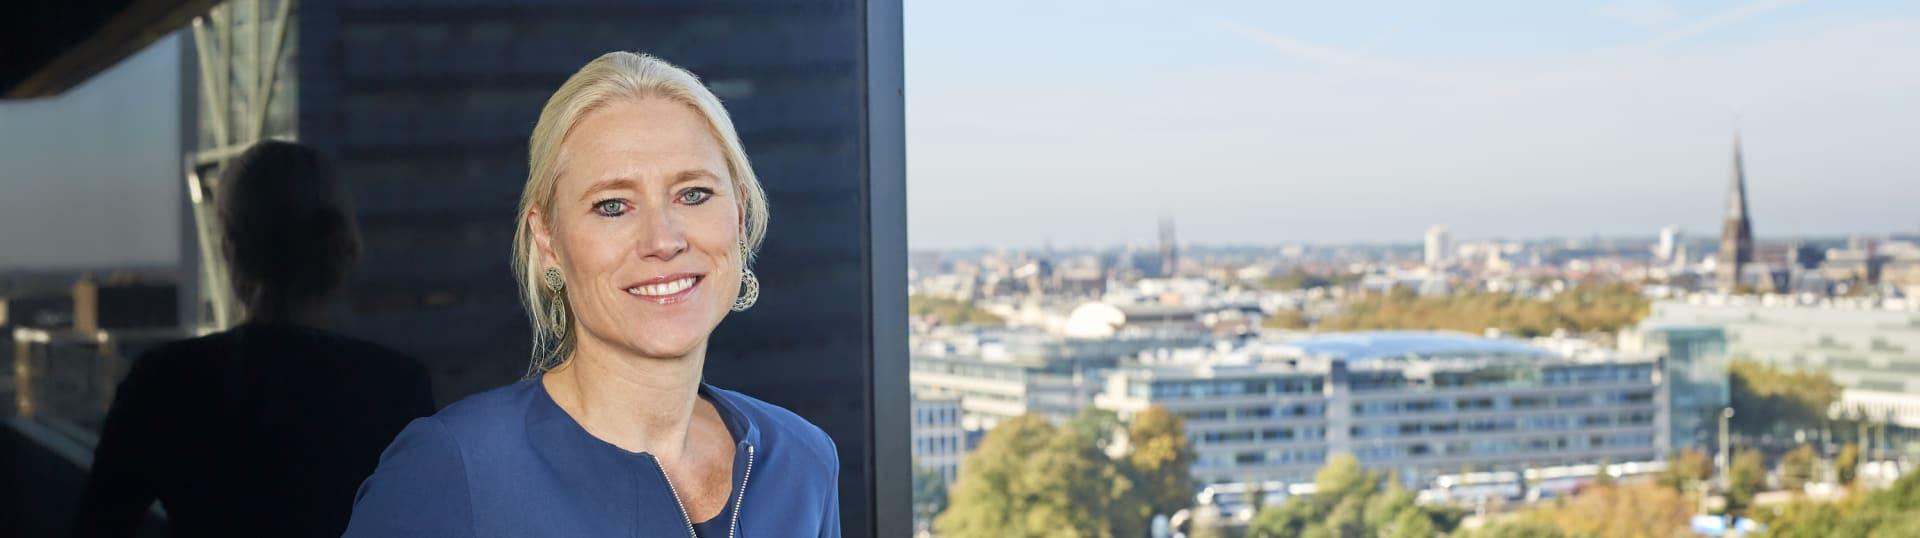 Maryse Mesu-Abbekerk, advocaat Pels Rijcken.jpg